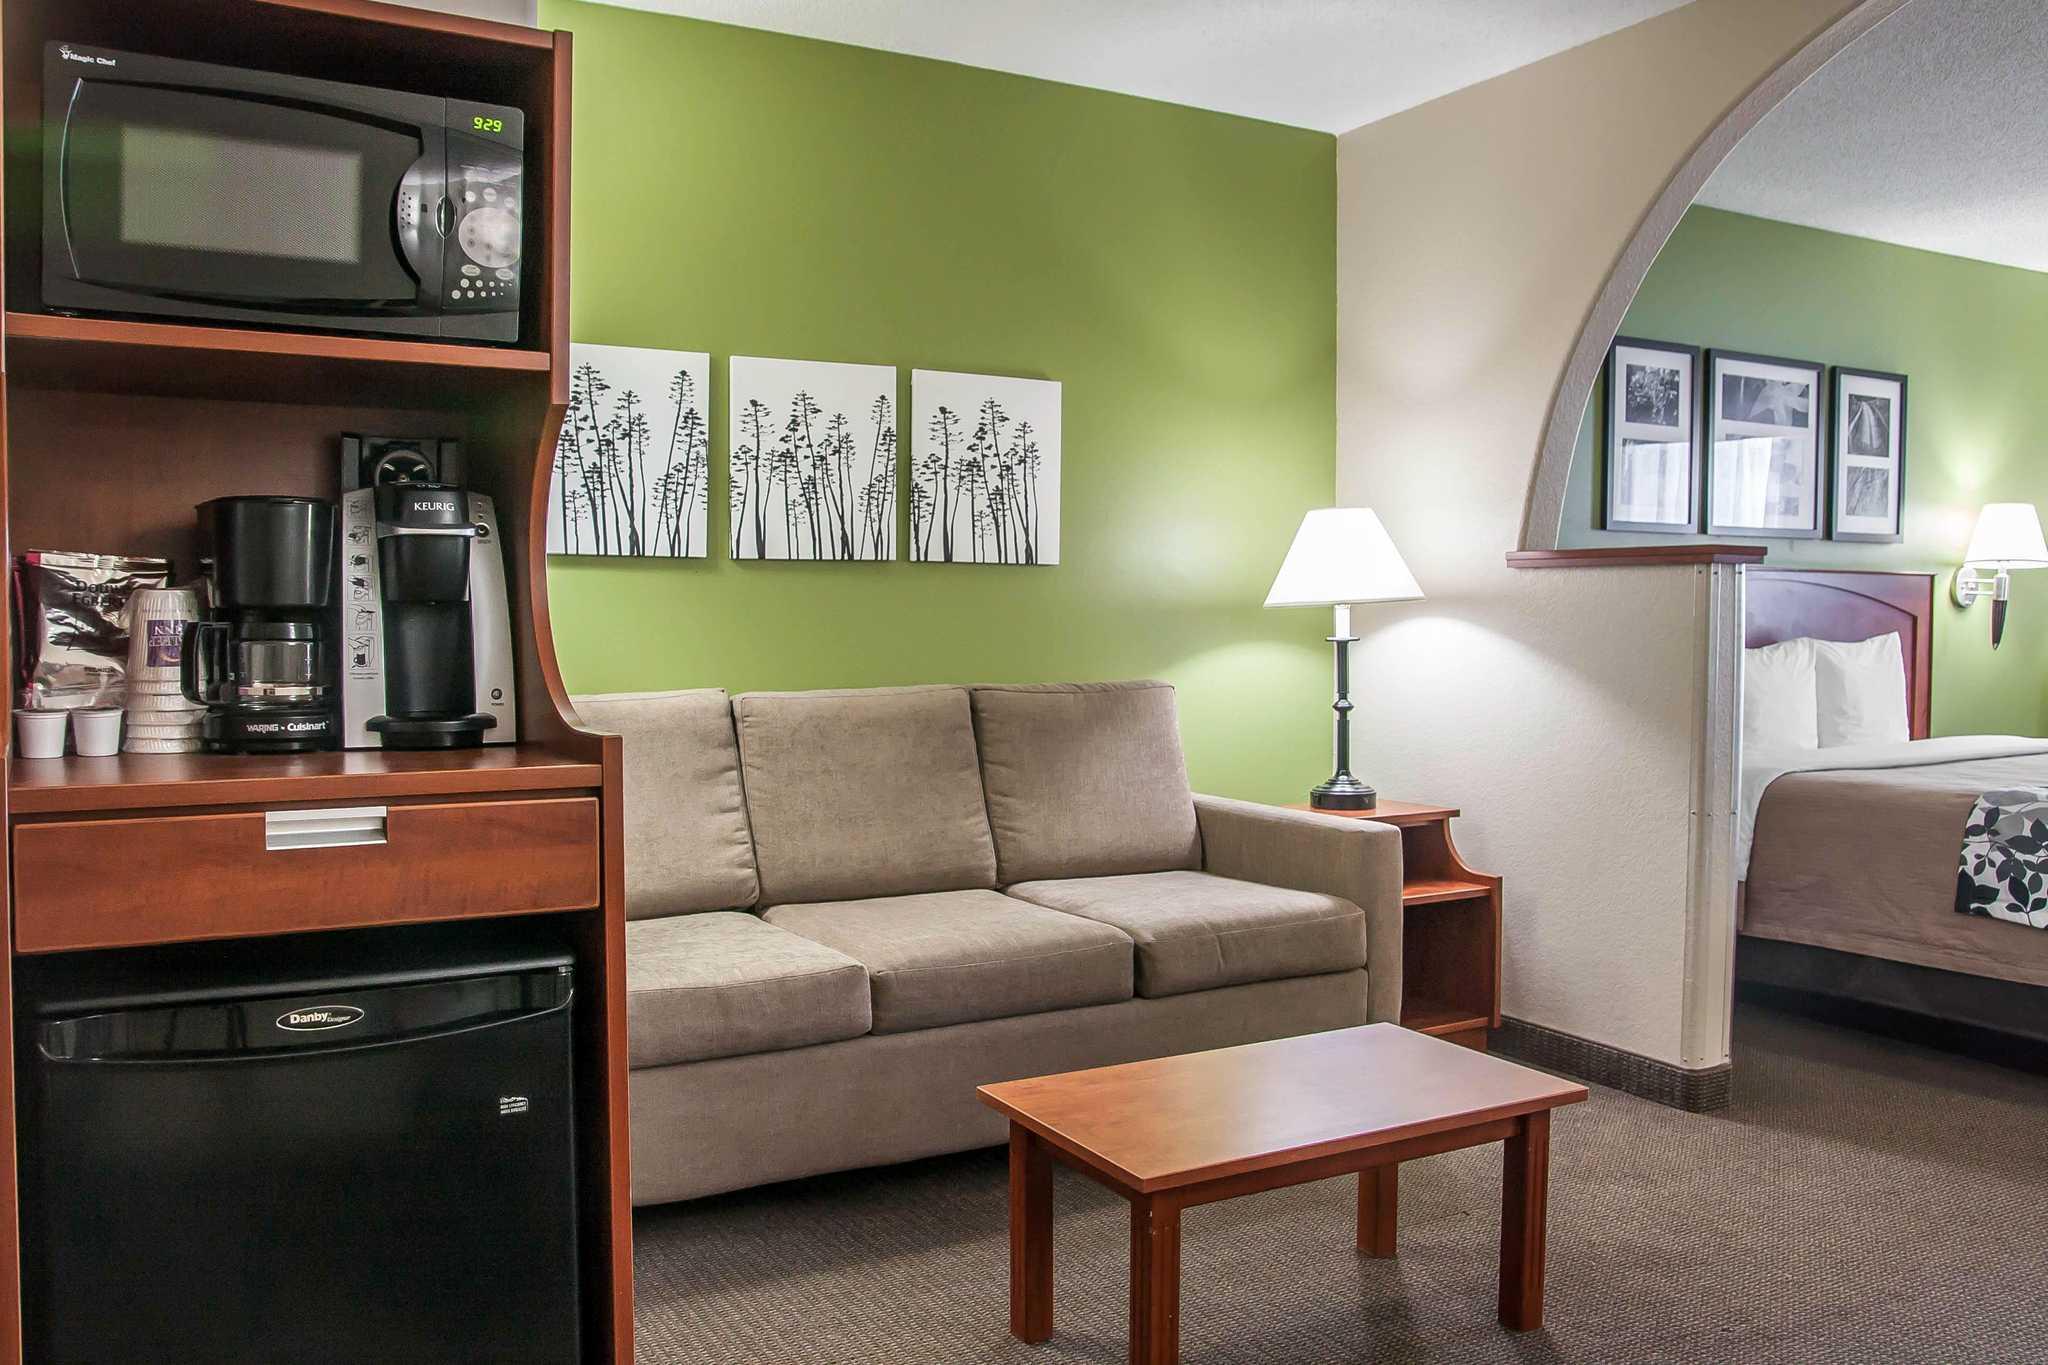 Sleep Inn & Suites image 19